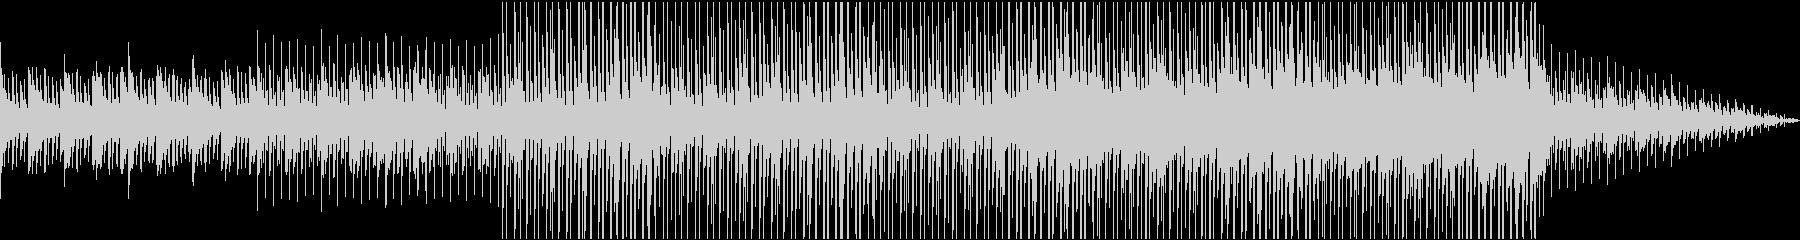 壮大なピアノストリングスの未再生の波形